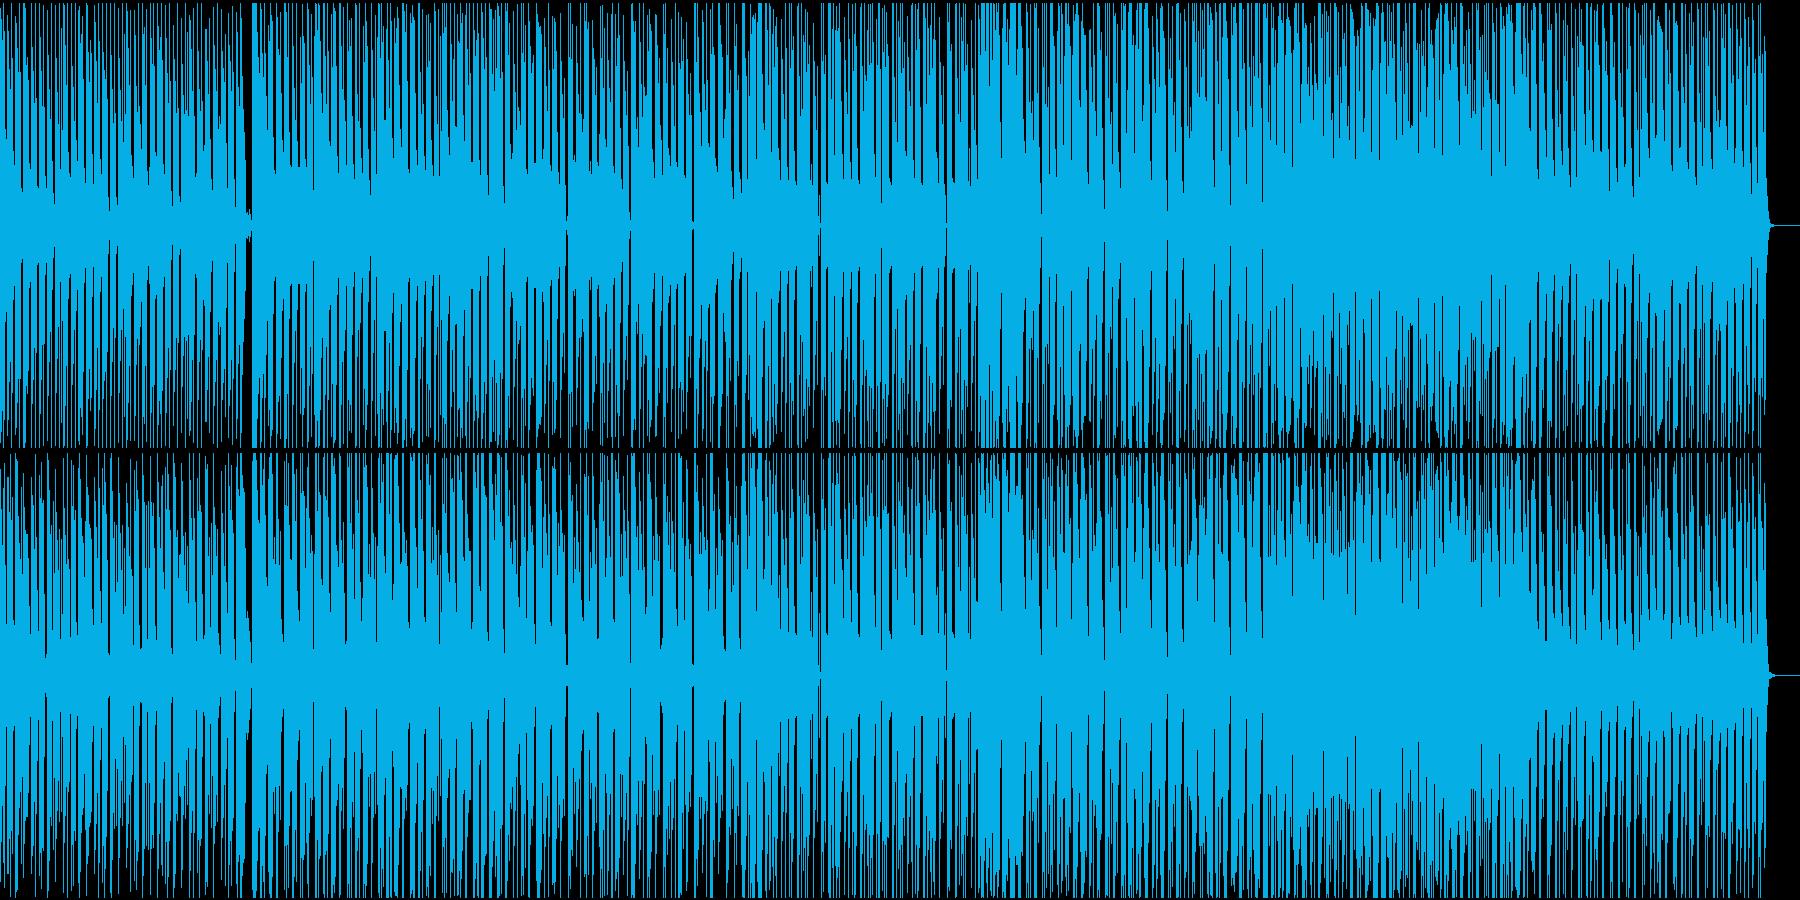 シンプルな構成の4つ打ちの再生済みの波形